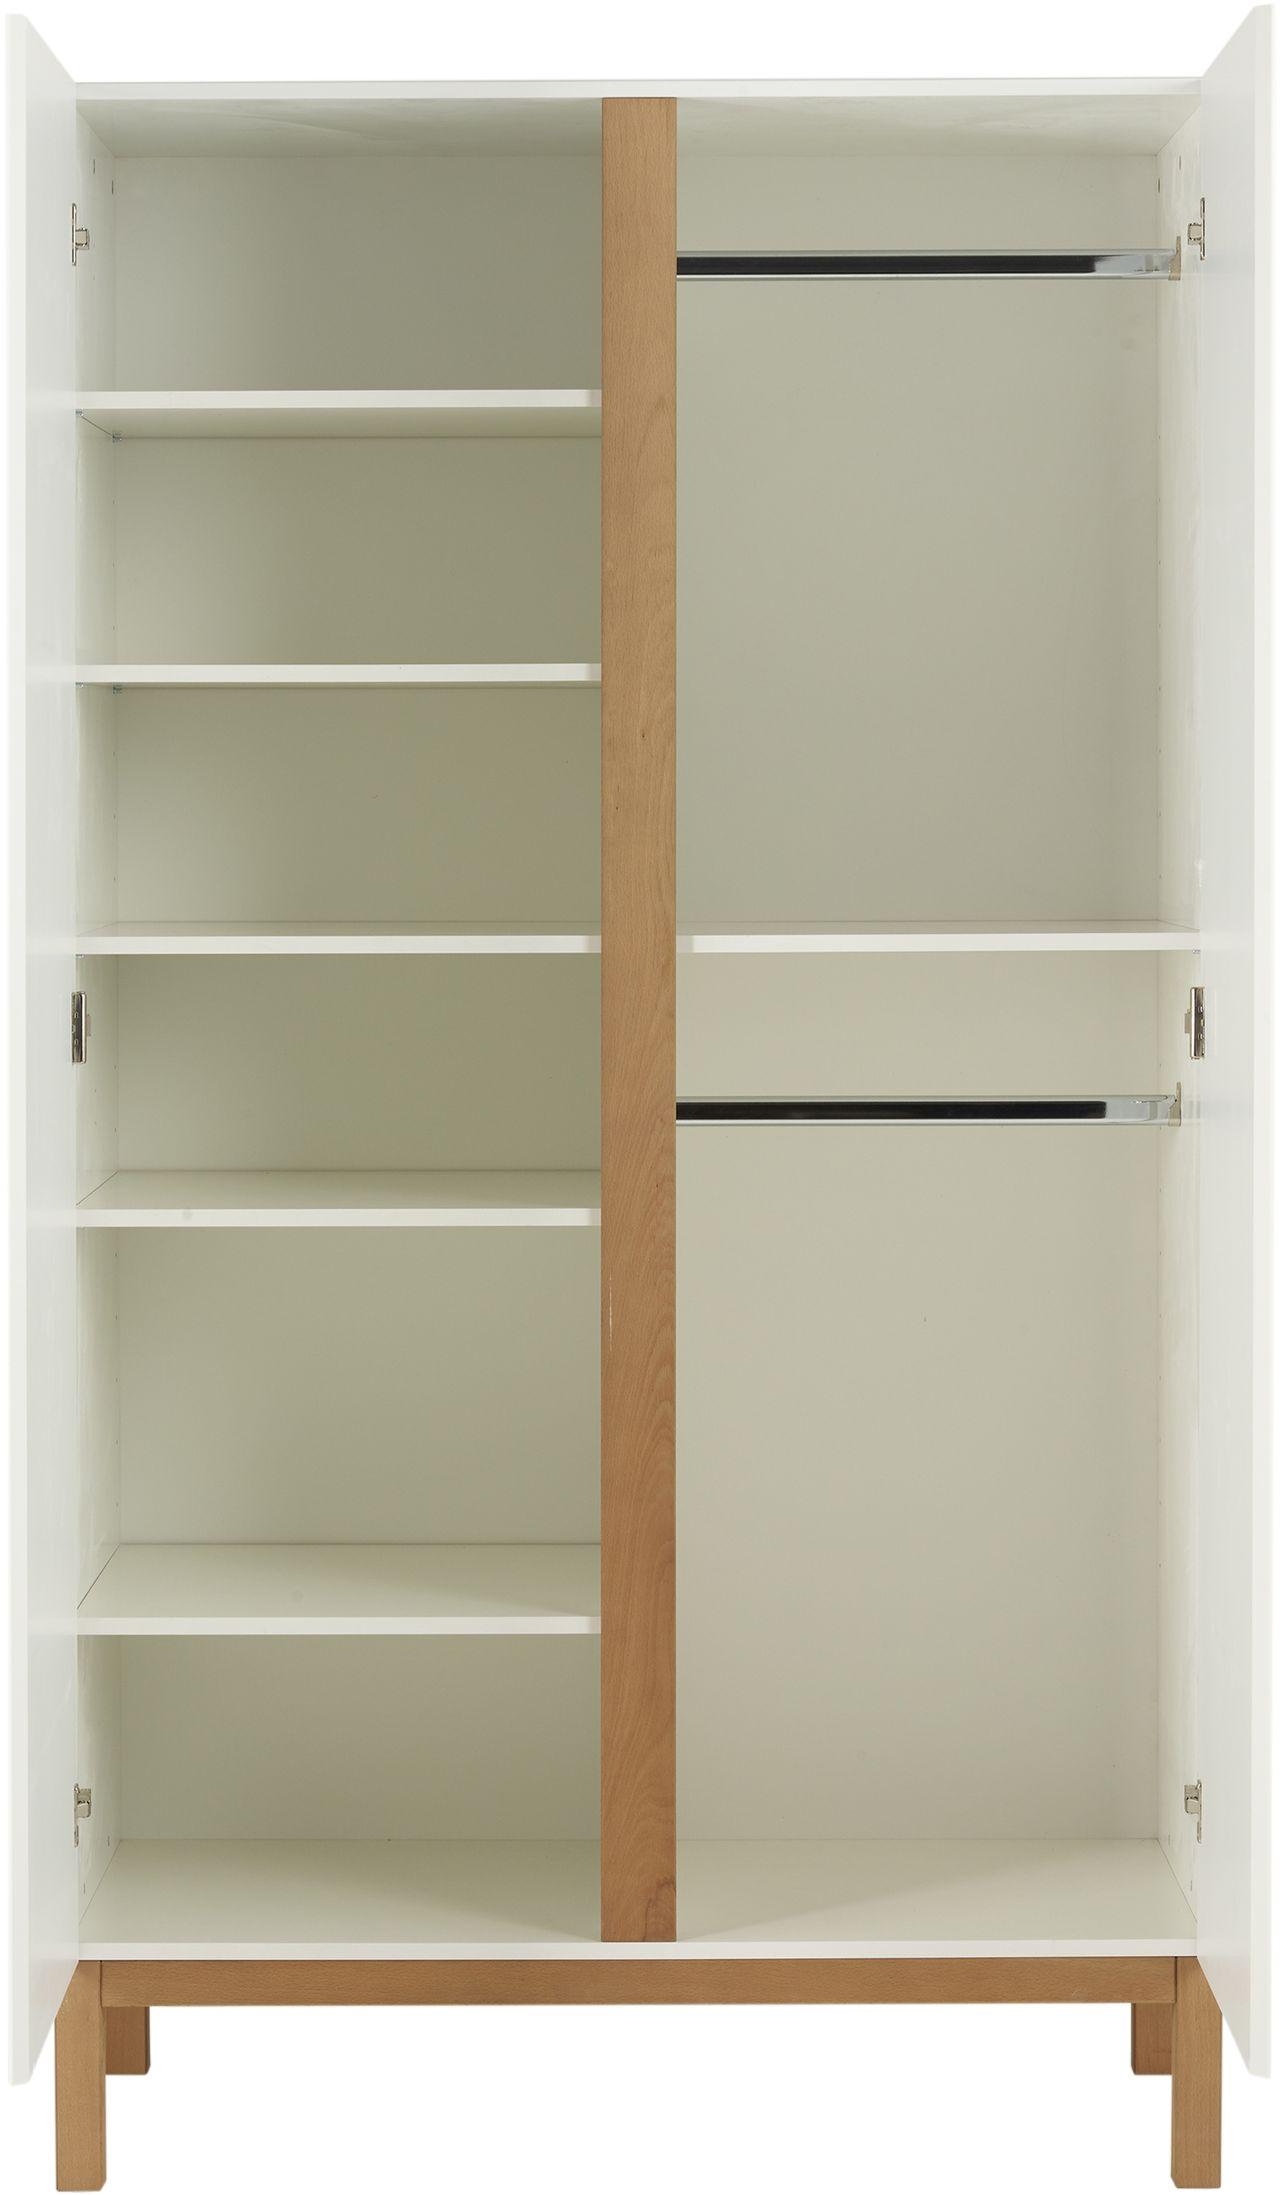 Quax Indigo Schrank 2 Türen in Berlin kaufen - Kleine Fabriek